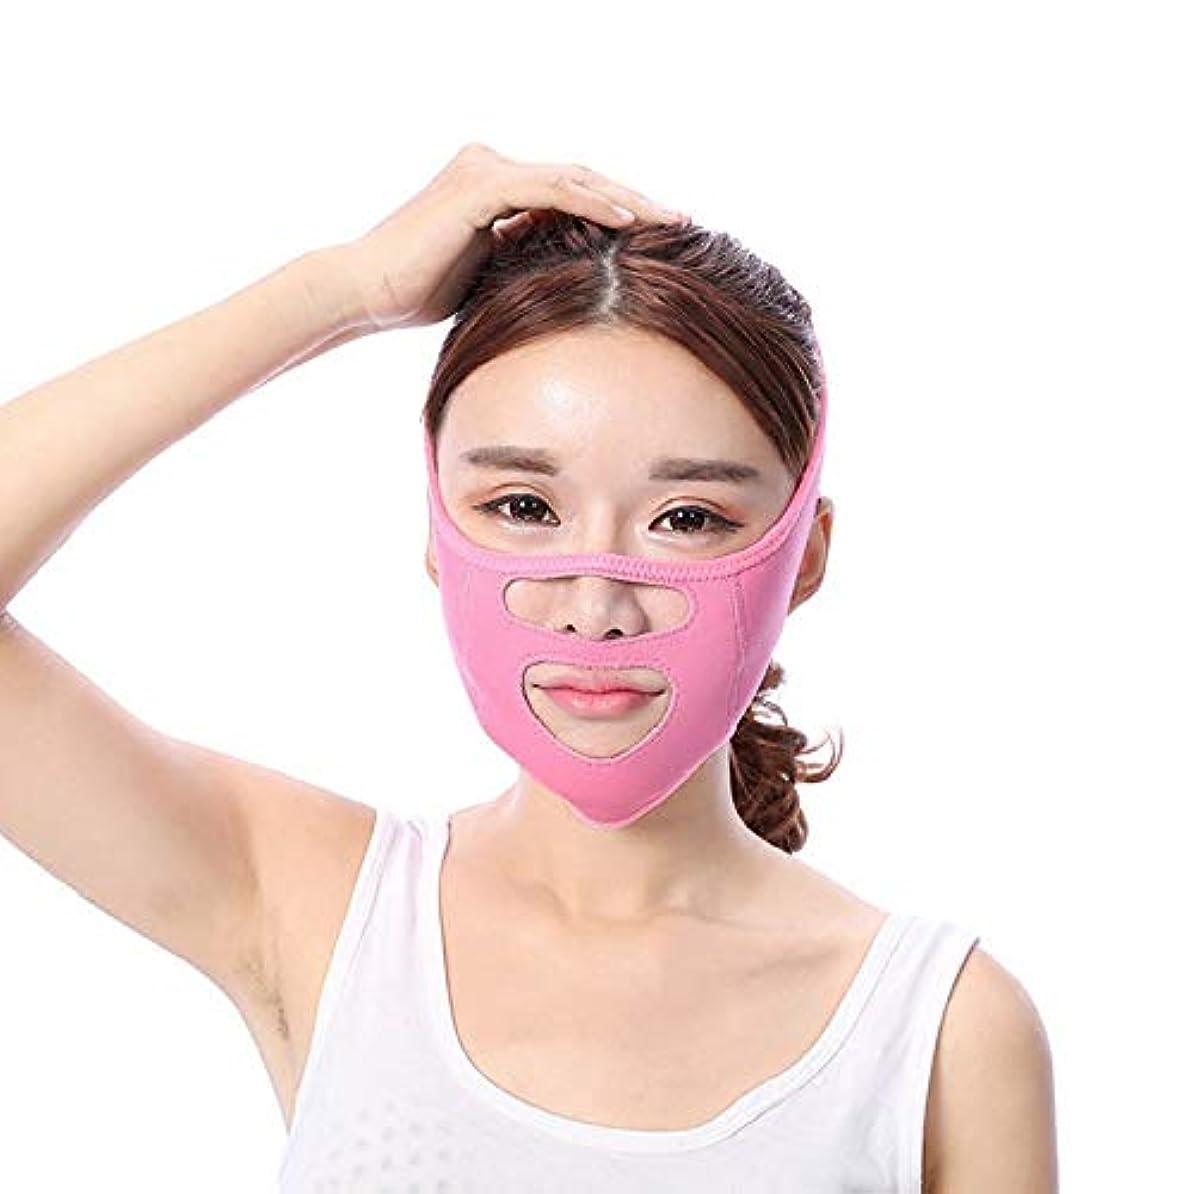 すすり泣きマイナー宇宙BS 顔の持ち上がる痩身ベルト - あなたの顔のための素晴らしいトレーニング二重あごのワークアウトフェイスマスクベルト薄い顔包帯整形マスクは顔と首を締めますフェイススリム フェイスリフティングアーティファクト